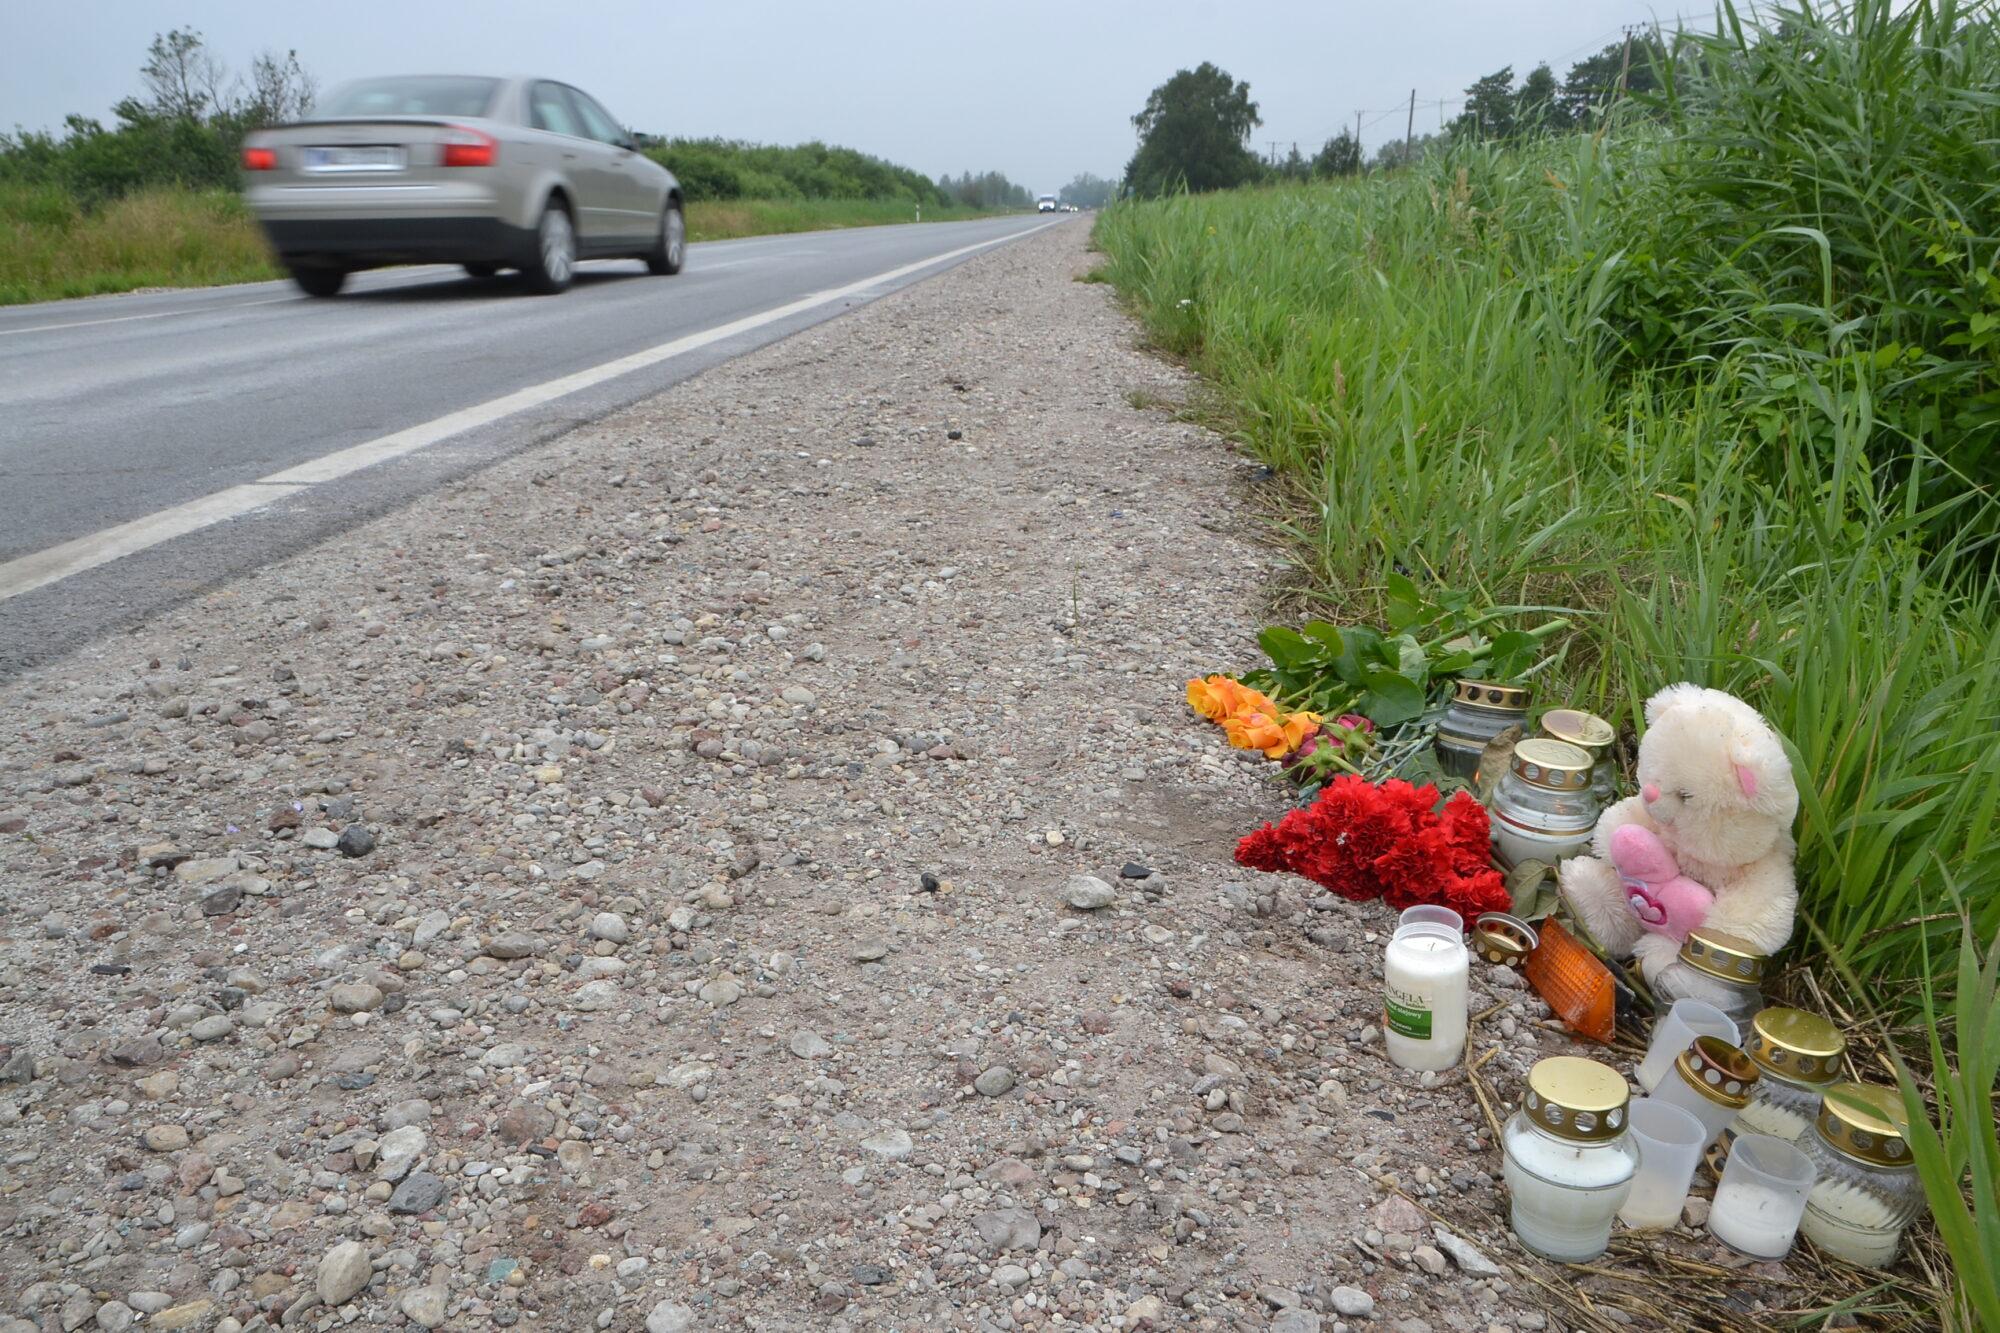 Traģēdiju izmeklē. Policija muļļāšanos satiksmes organizēšanā neatzīst